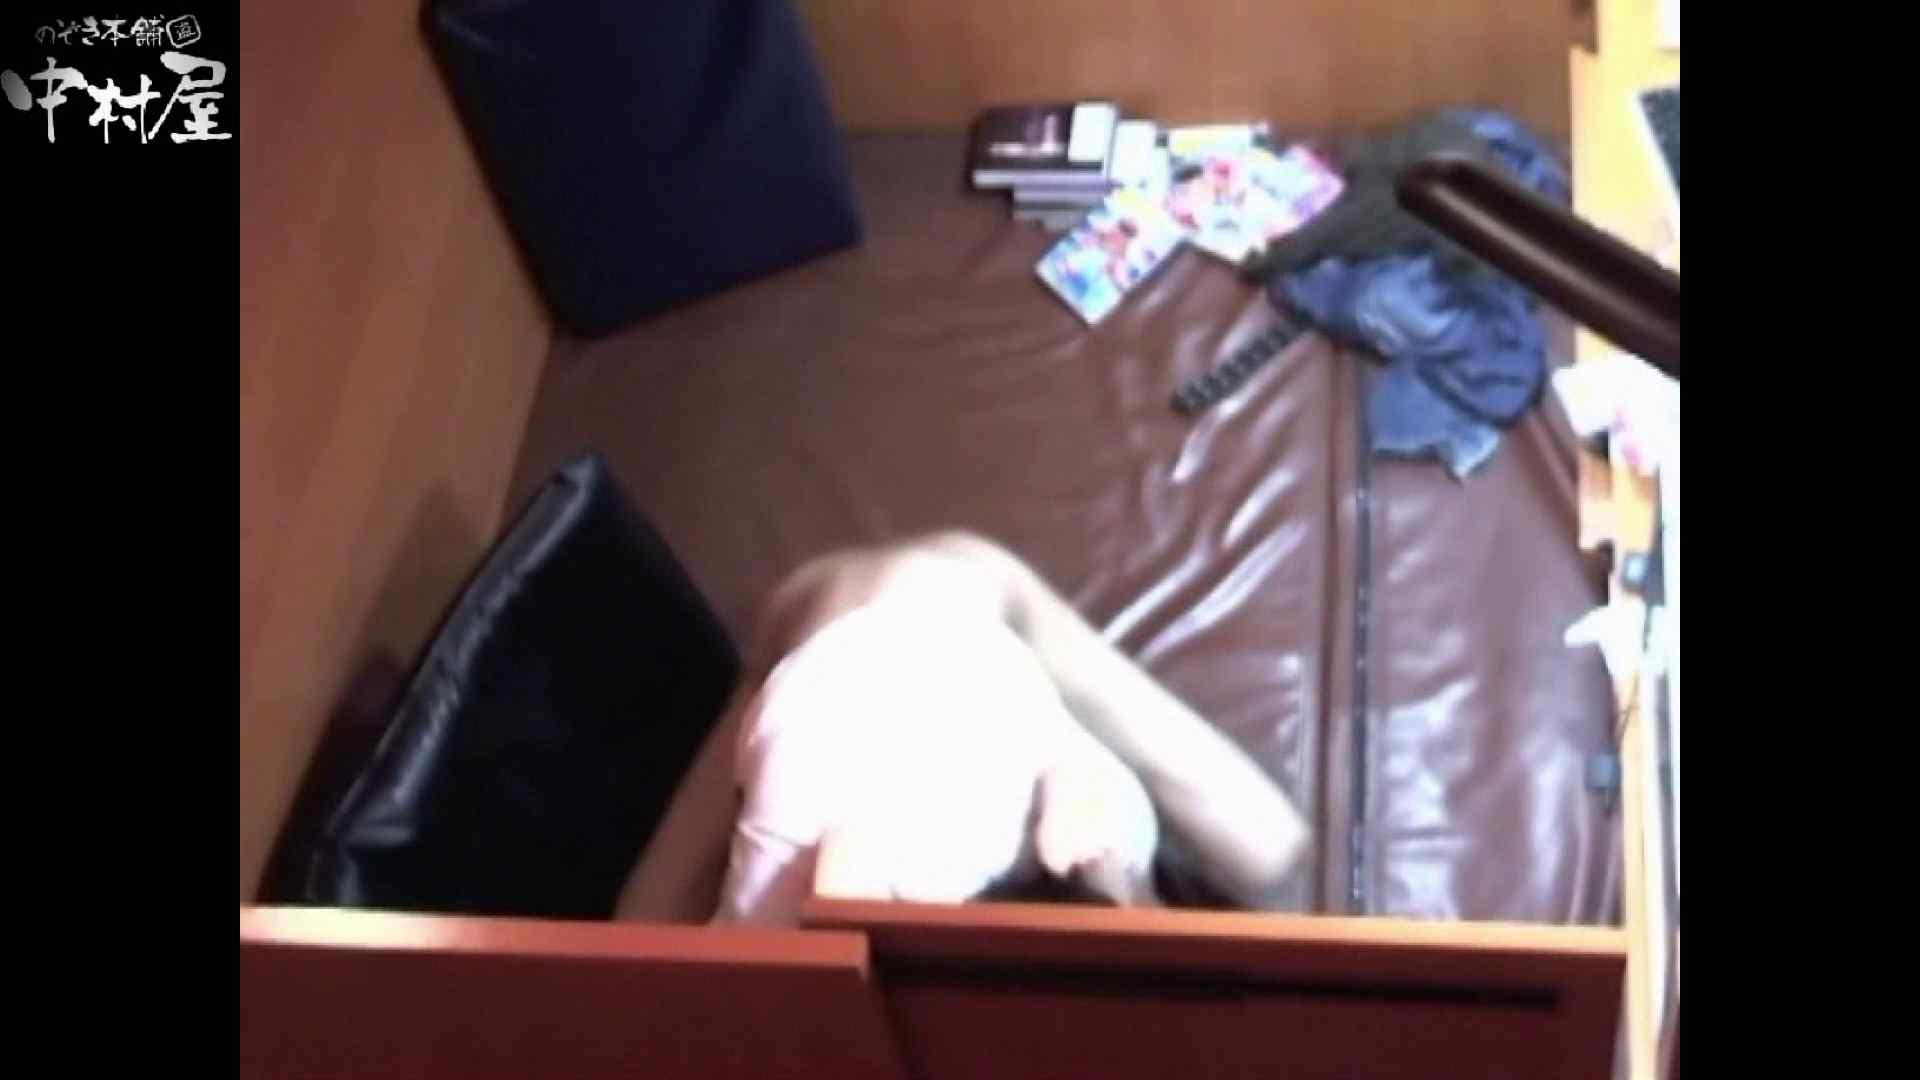 ネットカフェ盗撮師トロントさんの 素人カップル盗撮記vol.1 HなOL ワレメ動画紹介 111pic 110